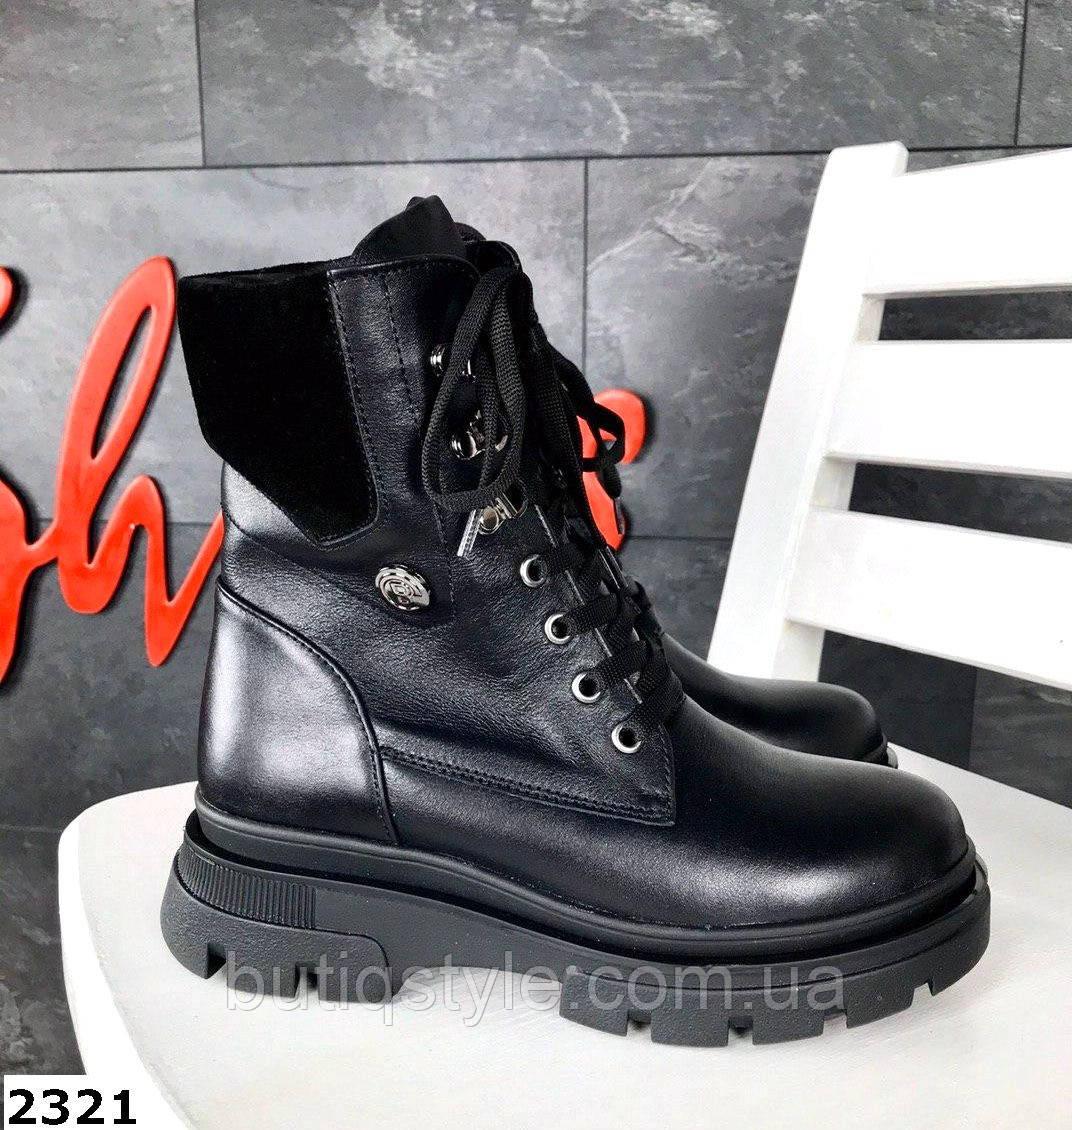 Женские черные ботинки натуральная кожа на шнуровке Деми